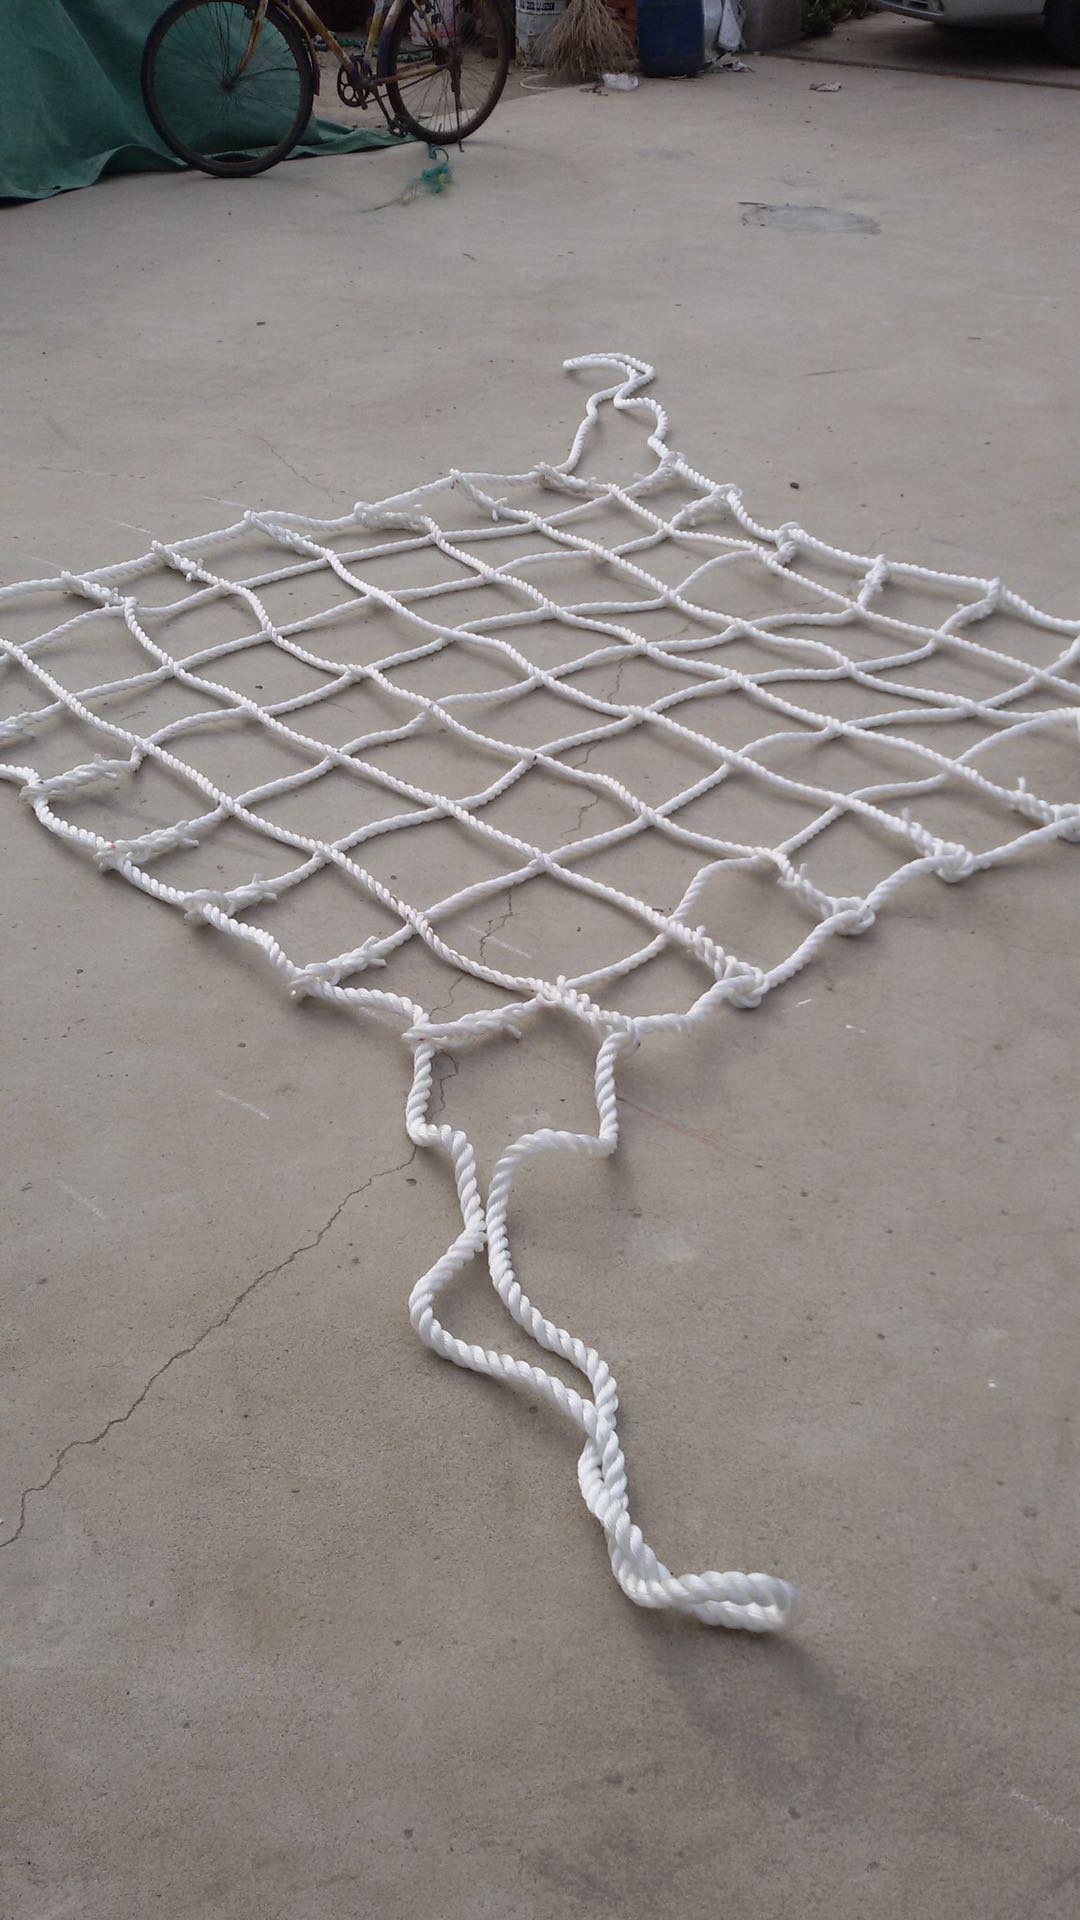 吊货网(兜)